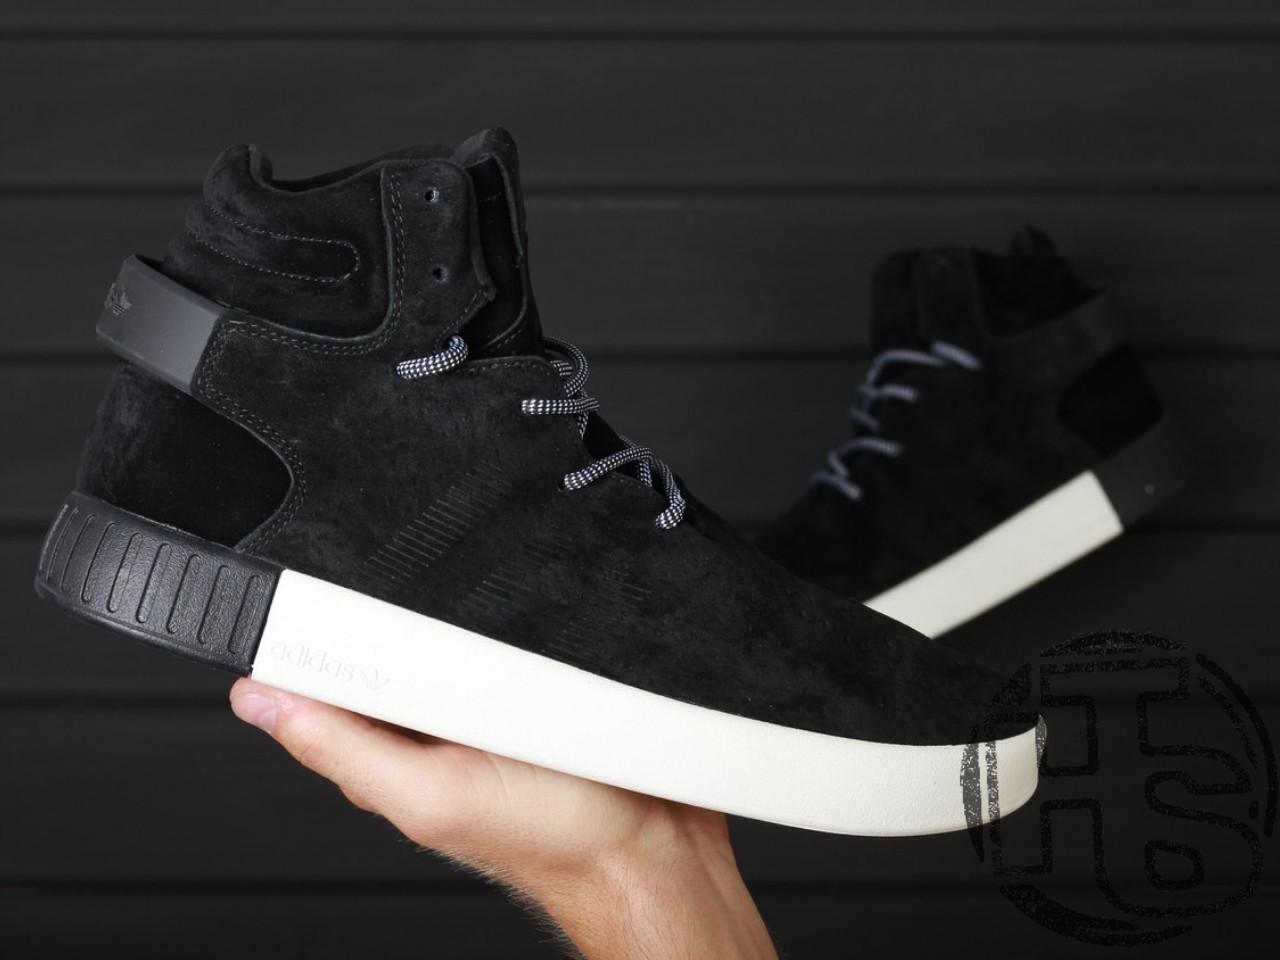 quality design e979a 7e522 Мужские кроссовки Adidas Originals Tubular Invader Black/White S81797 -  Bigl.ua